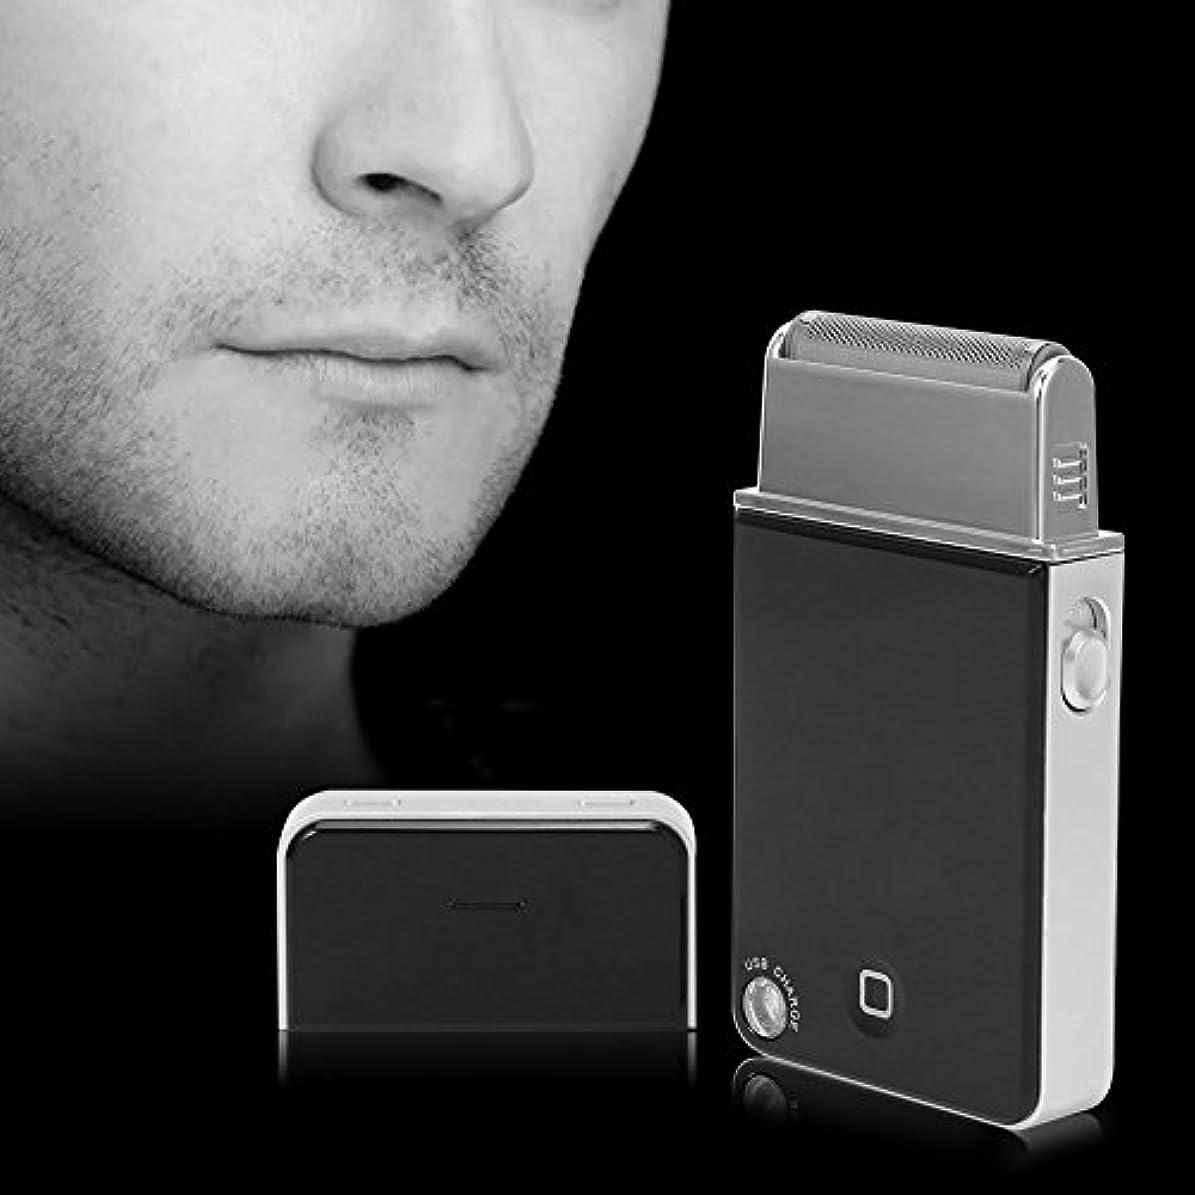 計算インストール持続的メンズ電気超薄型シェーバー 充電式 洗濯可能な湿式/ドライカミソリフェイシャルケア ビアトリムUSB充電器